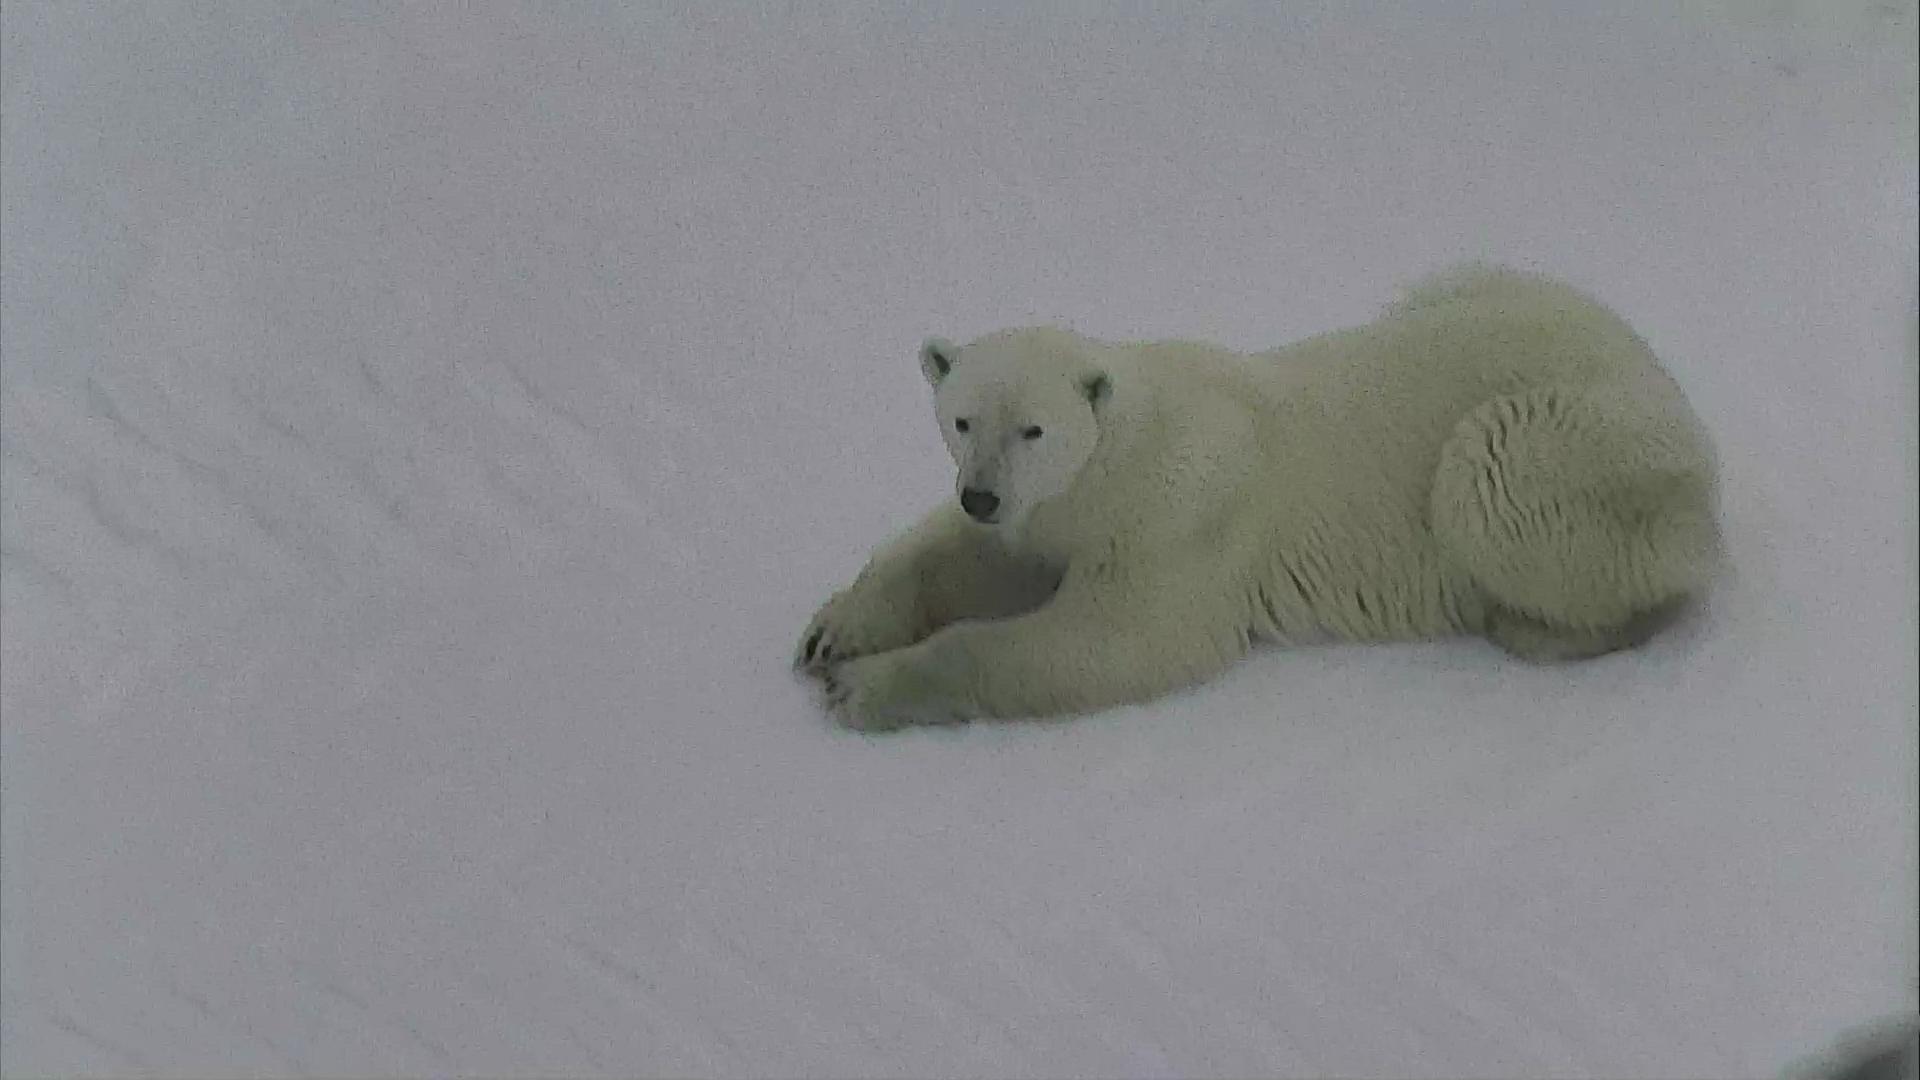 Polar Bear Cubs Camera - Live Zoo Cam | Explore.org